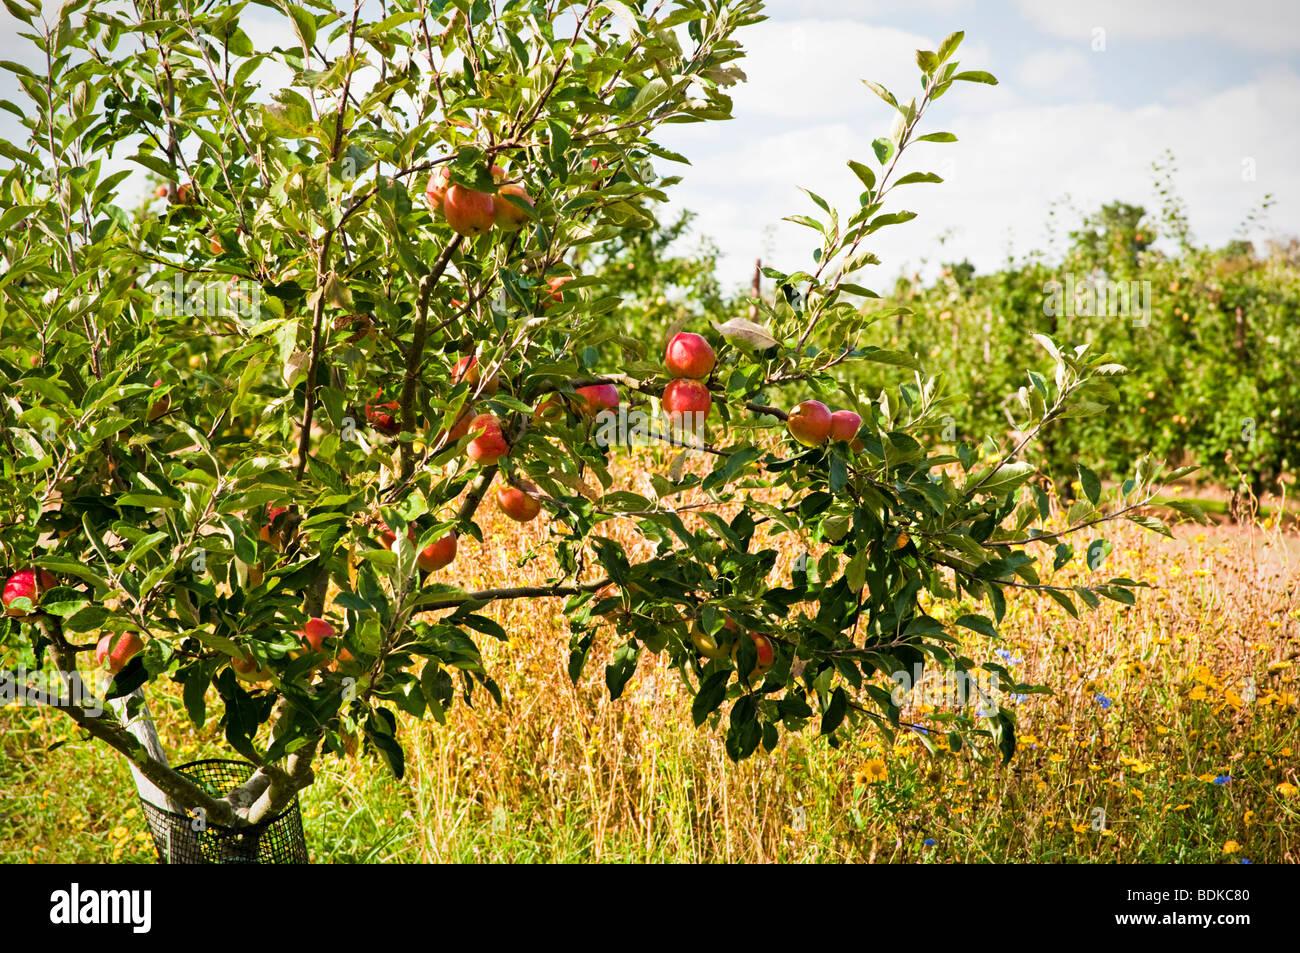 Albero di mele nel frutteto con fiori selvatici, tarda estate, REGNO UNITO Immagini Stock